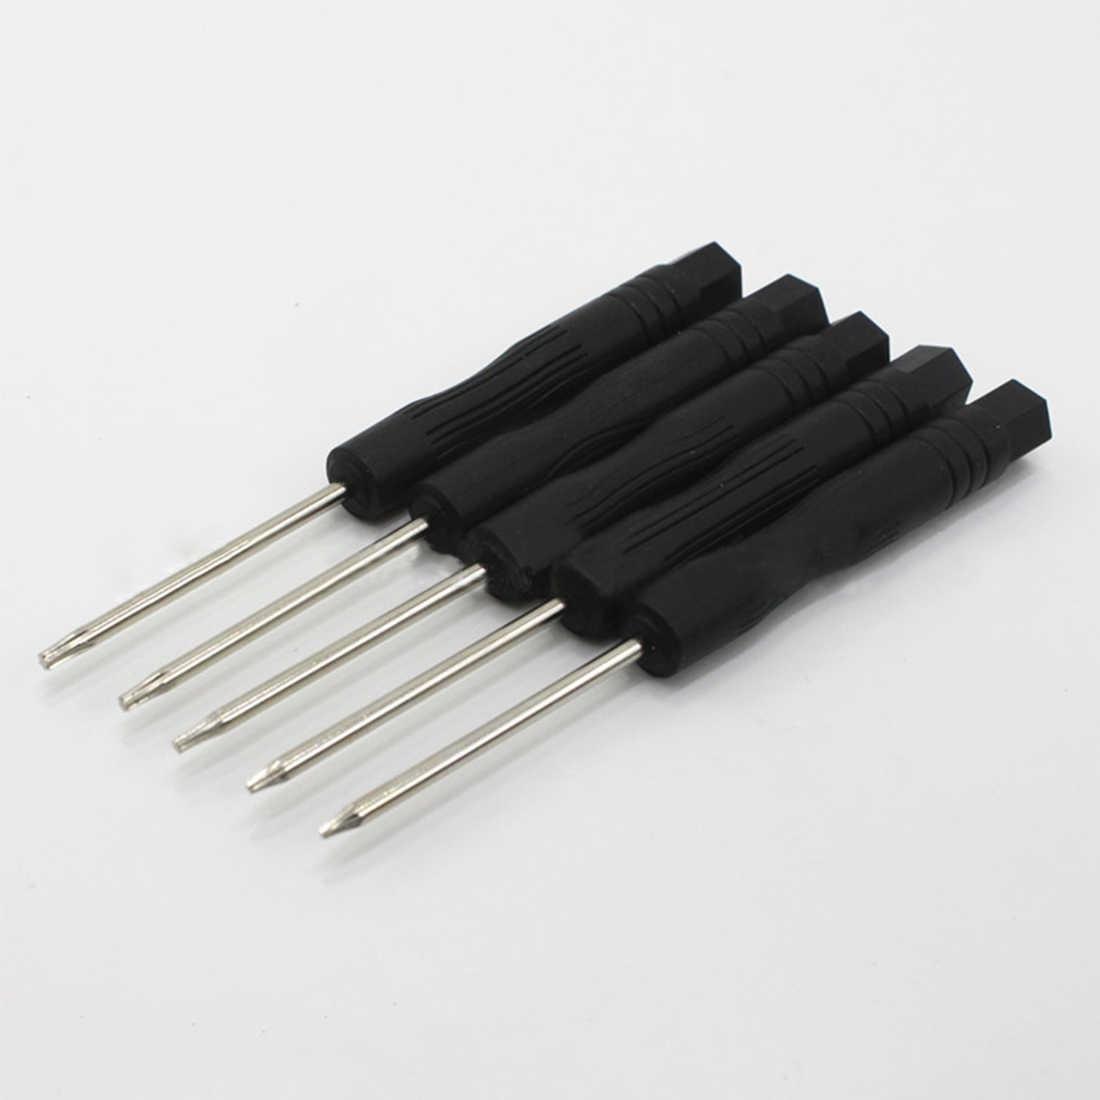 Черный мини отвертка 5 шт. Precision Torx Набор отверток T2 T3 T4 T5 T6 Ремонт мобильных телефонов мульти функциональный ручной инструмент